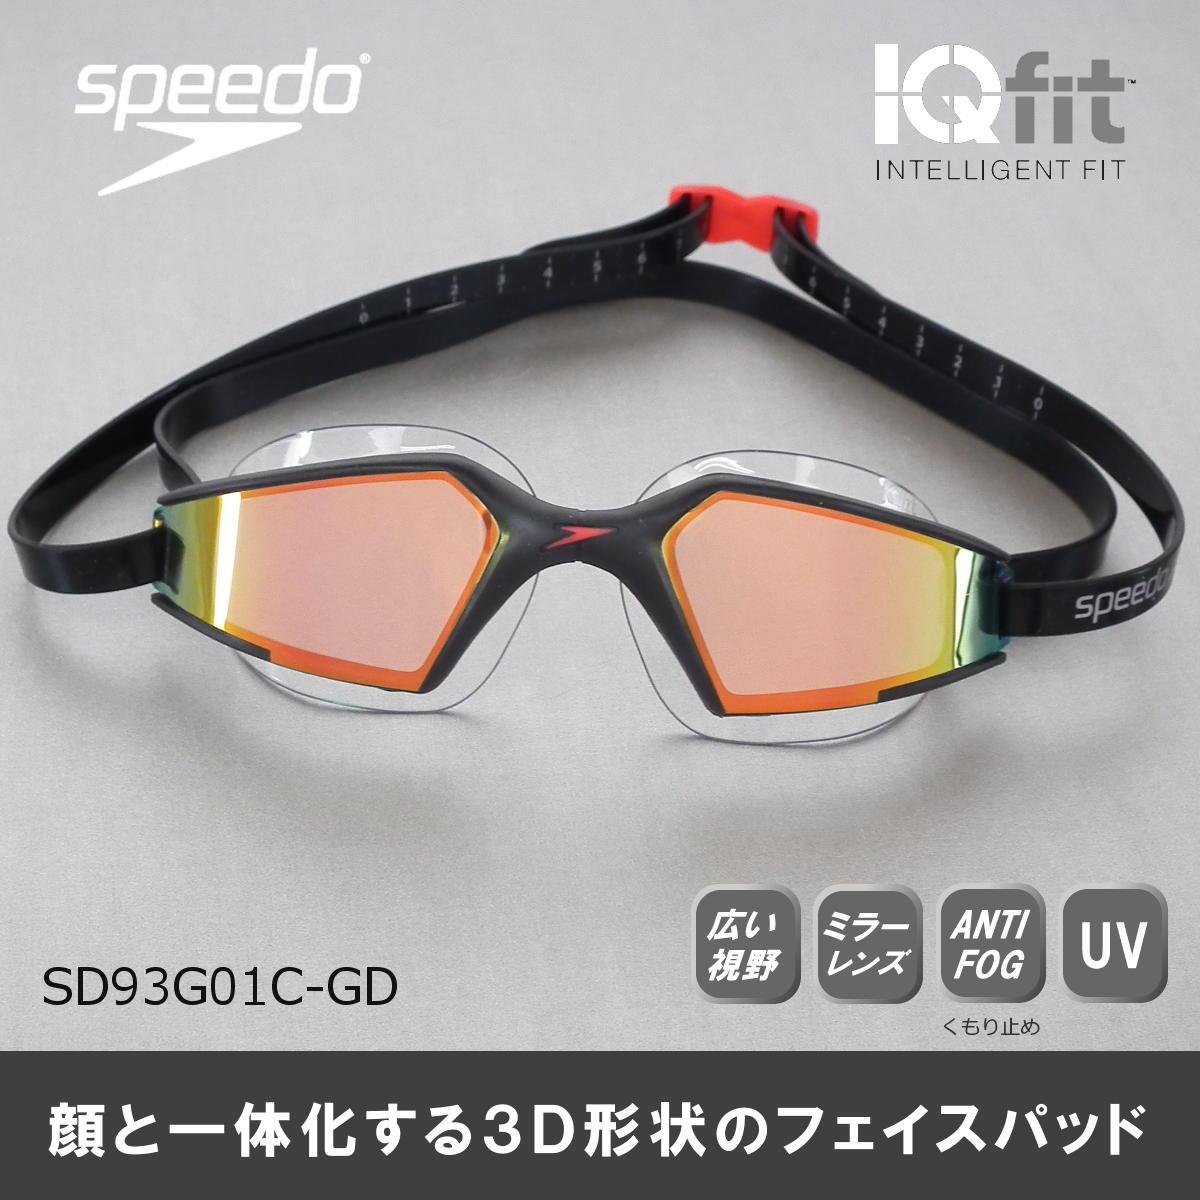 【スイムゴーグル】SPEEDO スピード クッション付き スイミングゴーグル ミラータイプ アクアパルスマックス 水泳ミラー 水泳 SD93G01C-GD